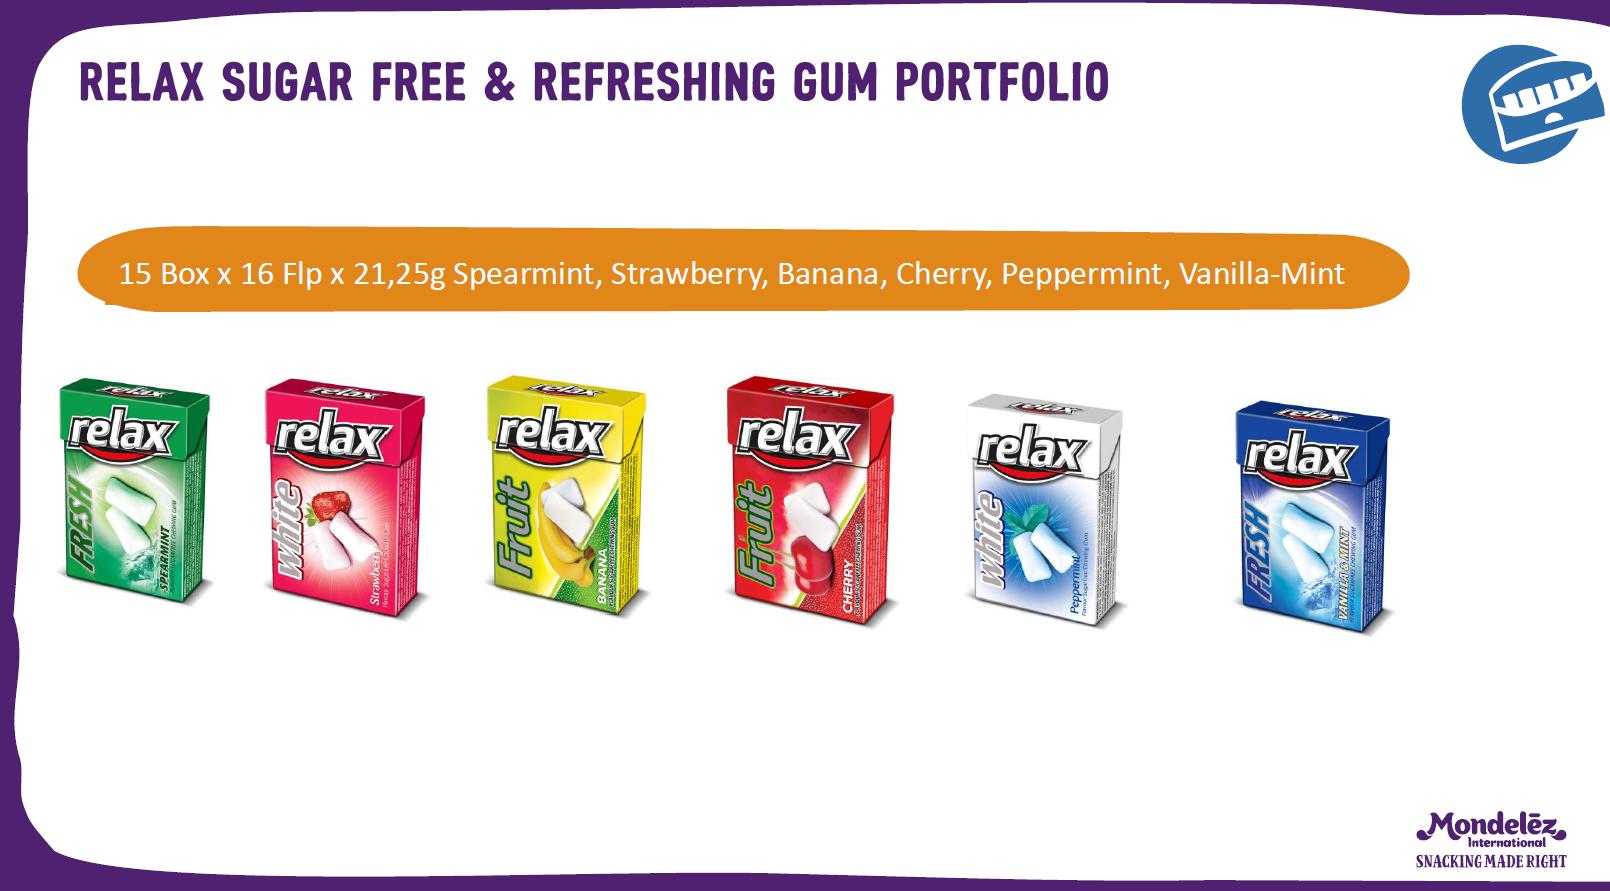 RELAX-SUGAR FREE & REFRESHING GUM PORTFOLIO 21,25 GR